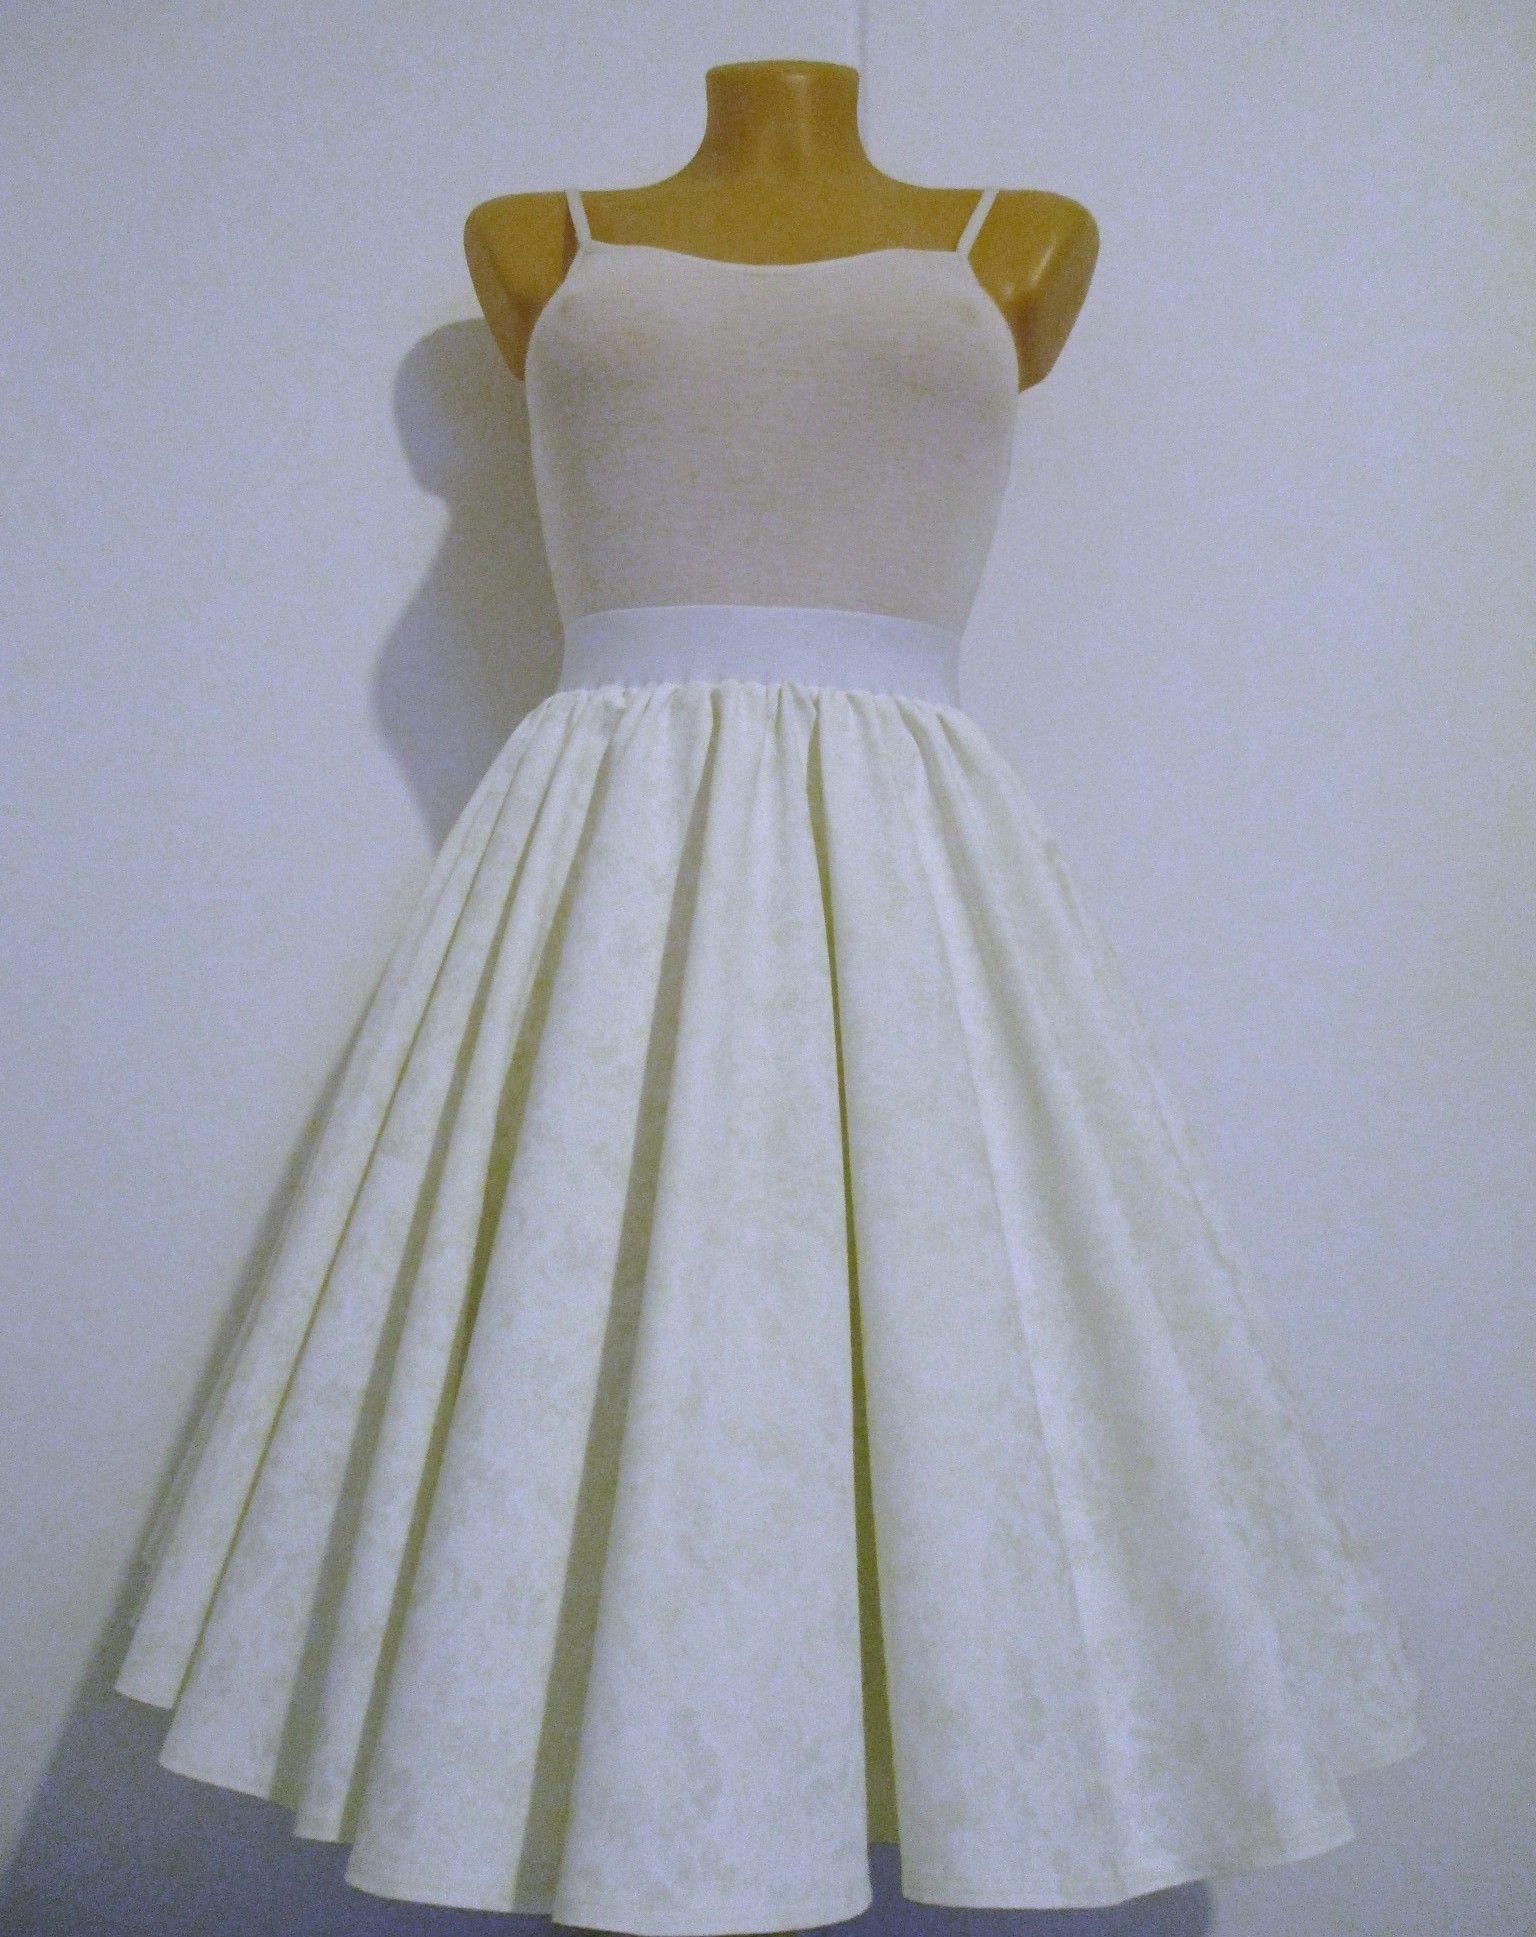 Sukně+kolo+bílá+batika+Retro+kolová+sukně+z+kvalitní+pevné+bavlny.+V ... 1323f04a50